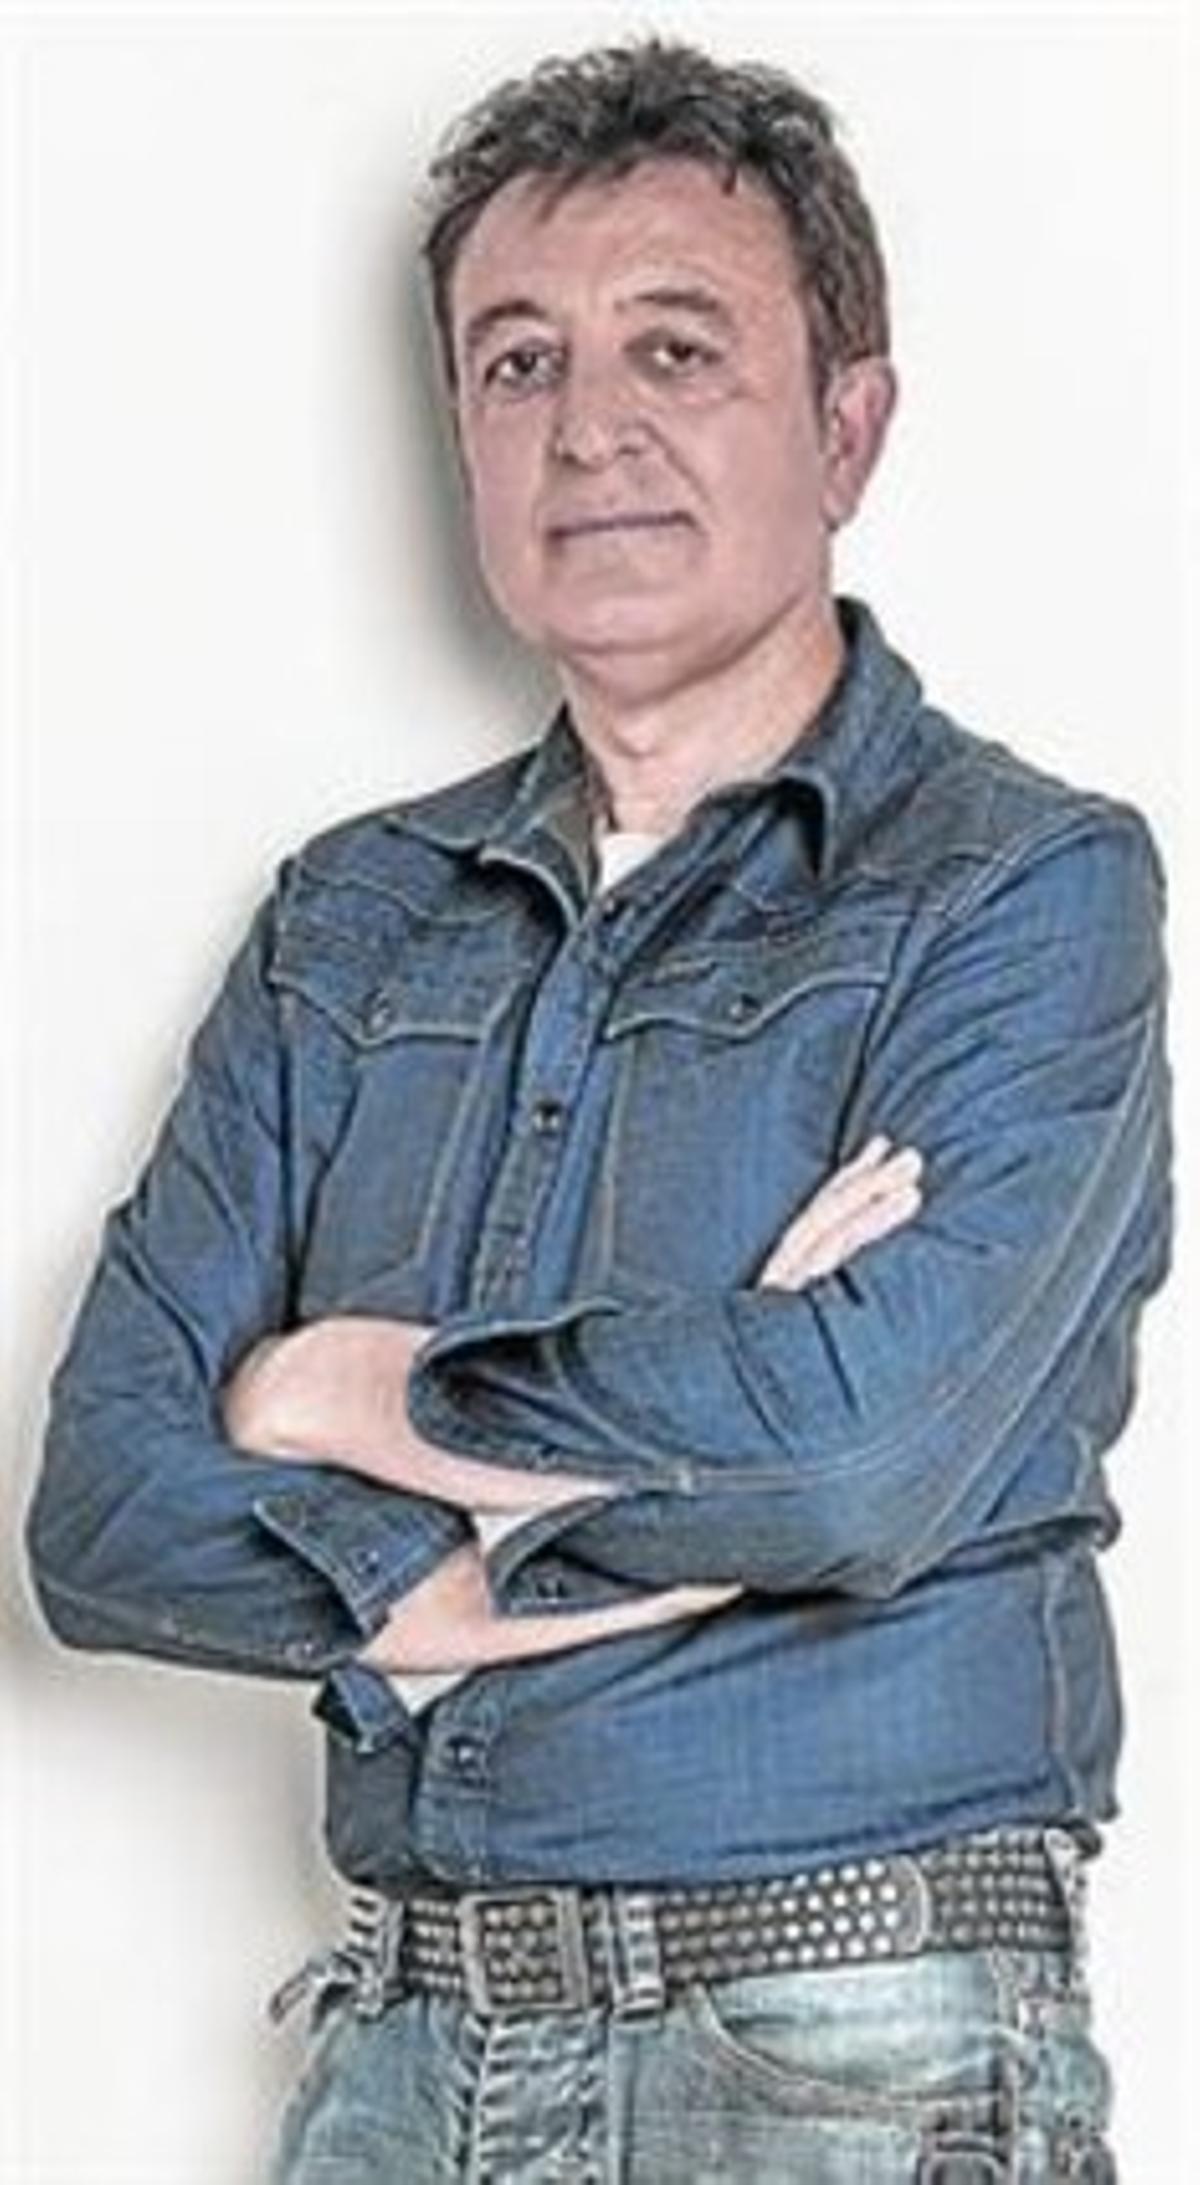 Manolo García vende en un mes 80.000 copias de su disco